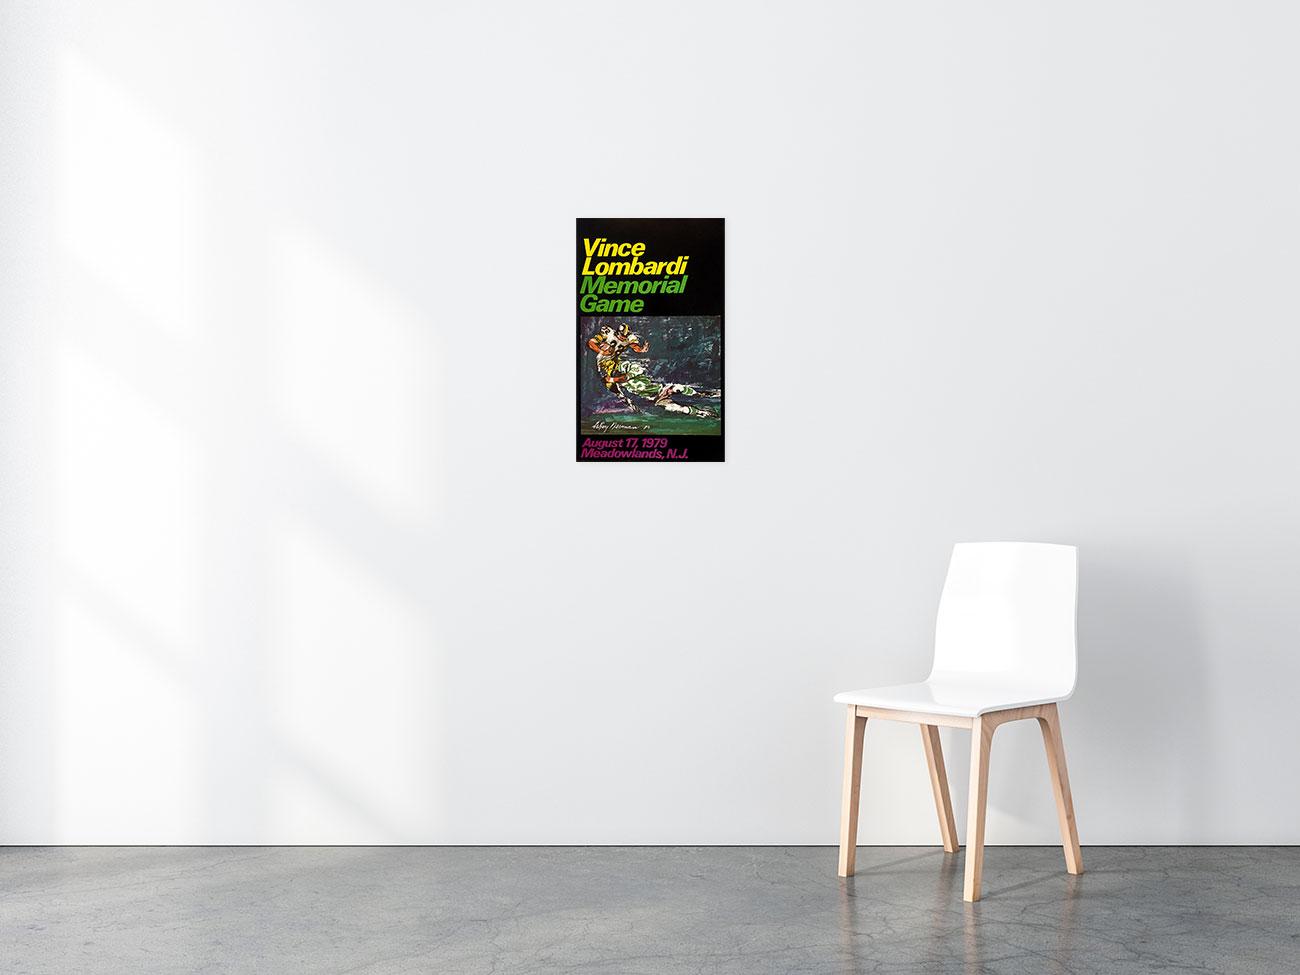 Vince Lombardi Memorial Game poster in situ